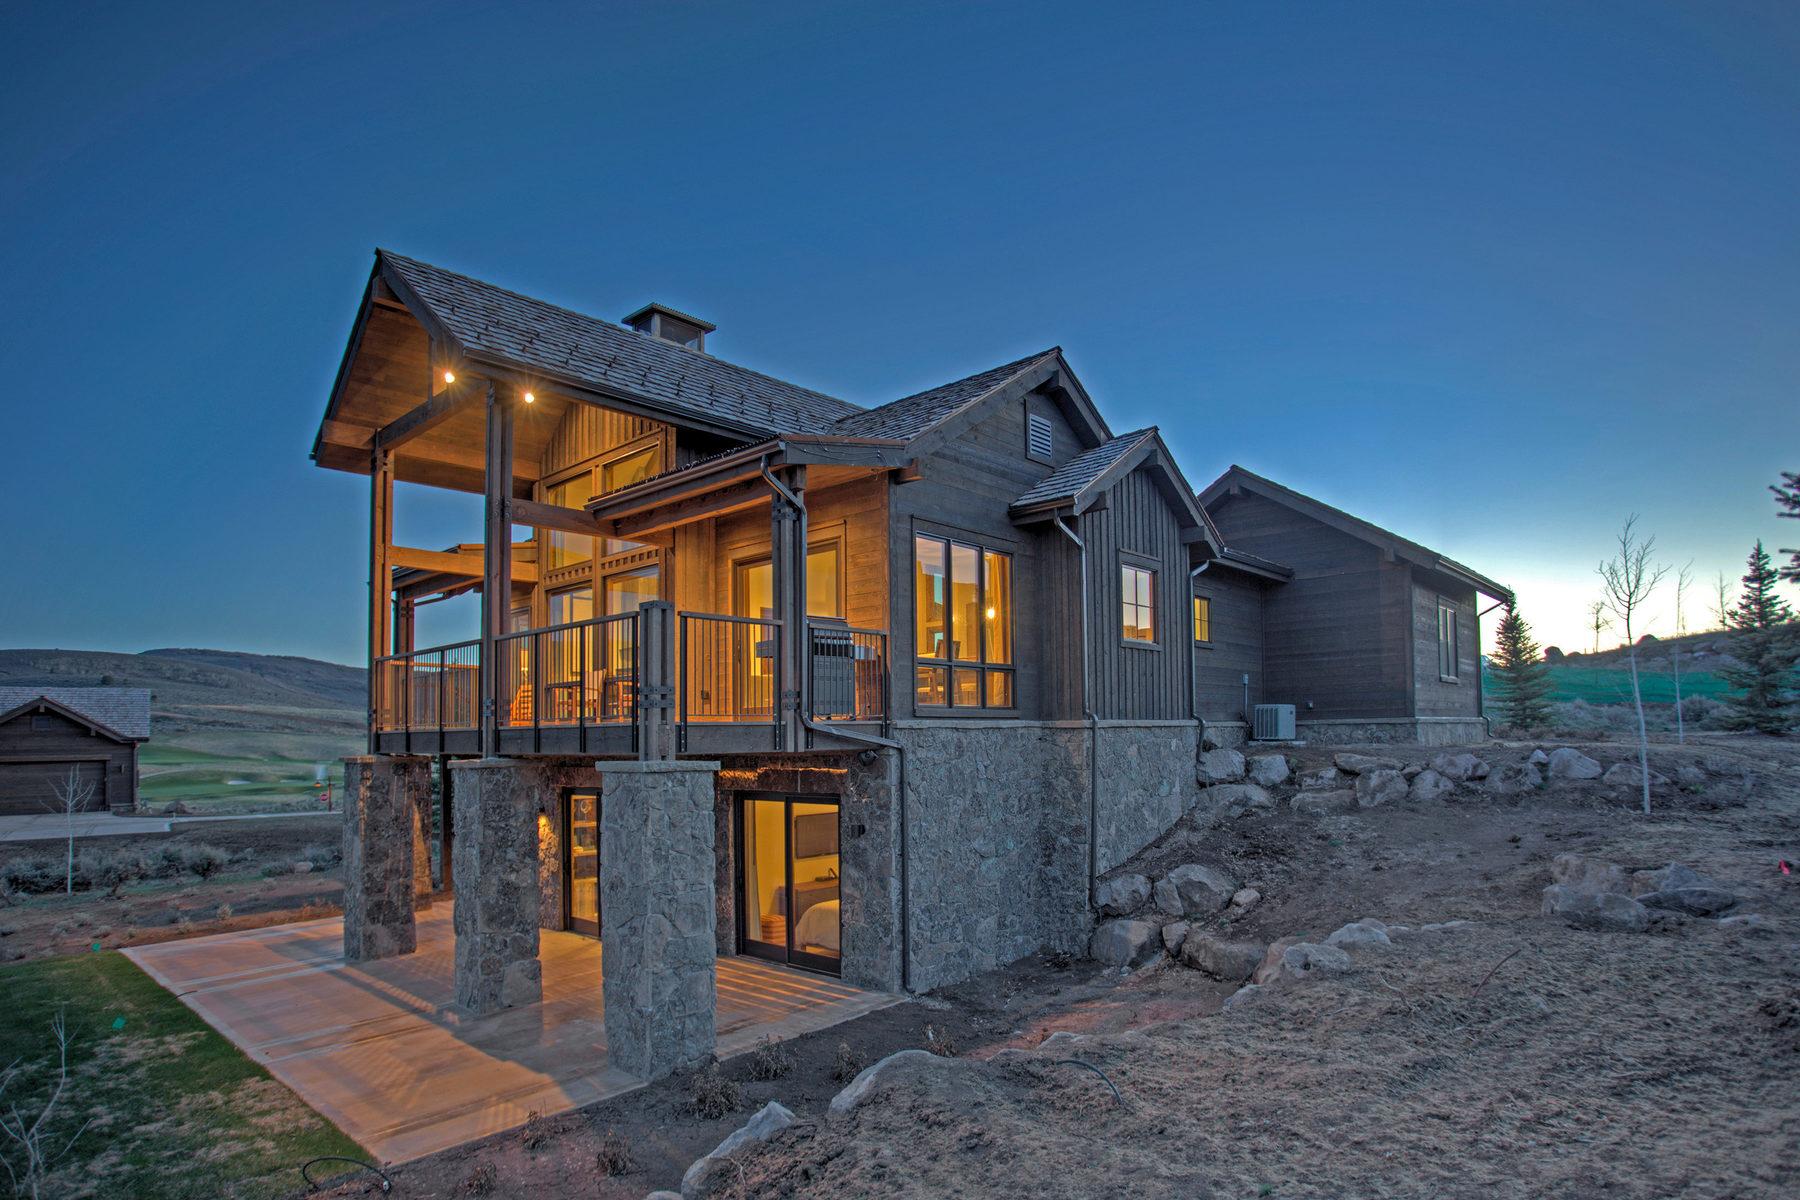 단독 가정 주택 용 매매 에 Expanded Willow Cabin with Spectacular Views 6967 E Rising Star Ct 274 Heber City, 유타, 84032 미국